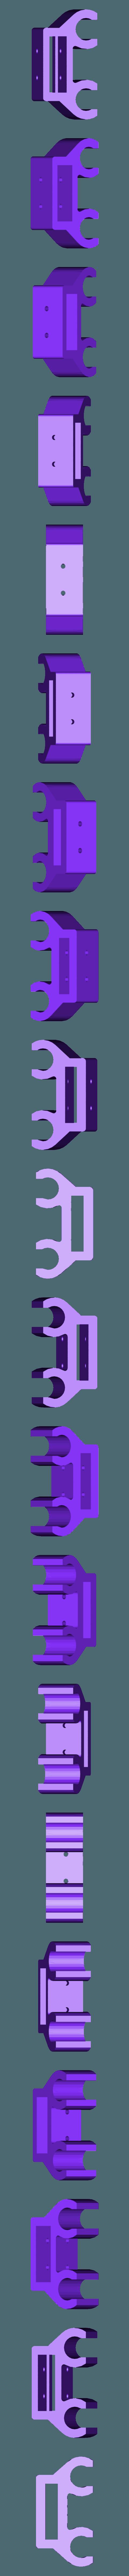 i3-y-endstop.stl Download free STL file End stops for Prusa i3 Improved for laser cut • 3D printing model, KarmaPrinting